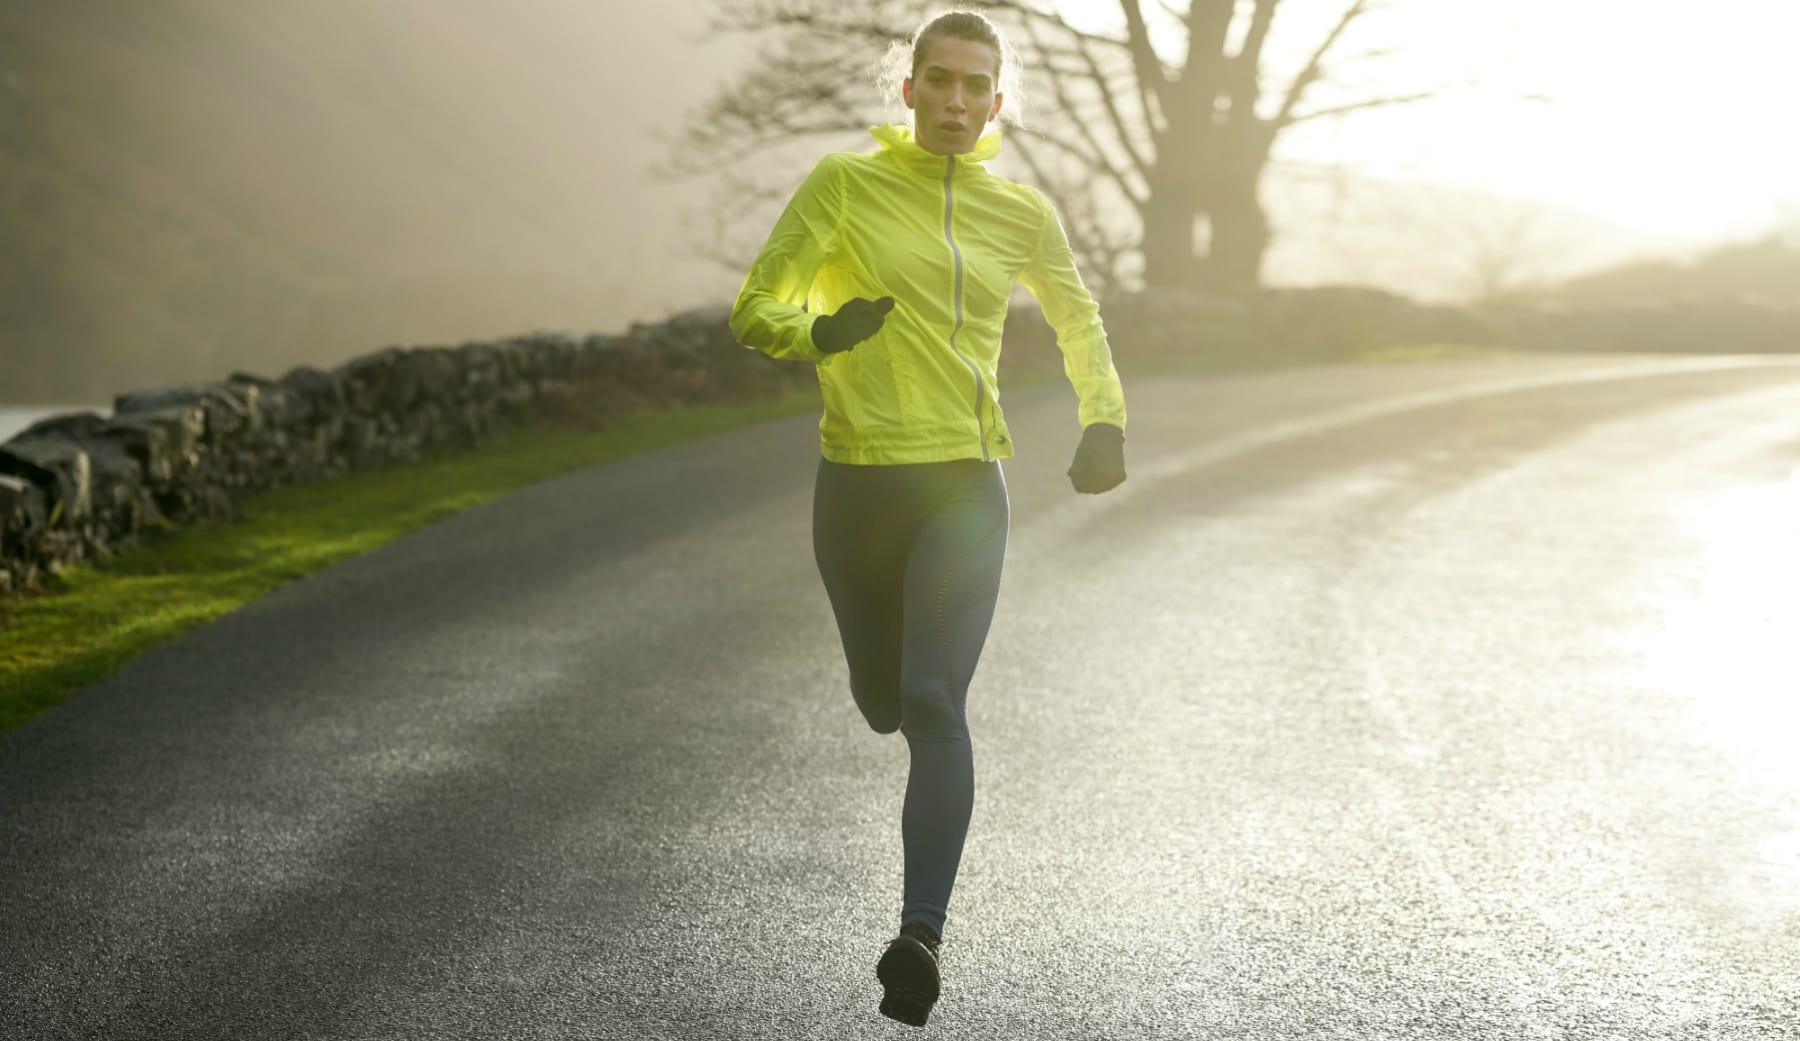 Τρέξιμο | Πώς να βελτιώσετε το ρυθμό σας (running pace)